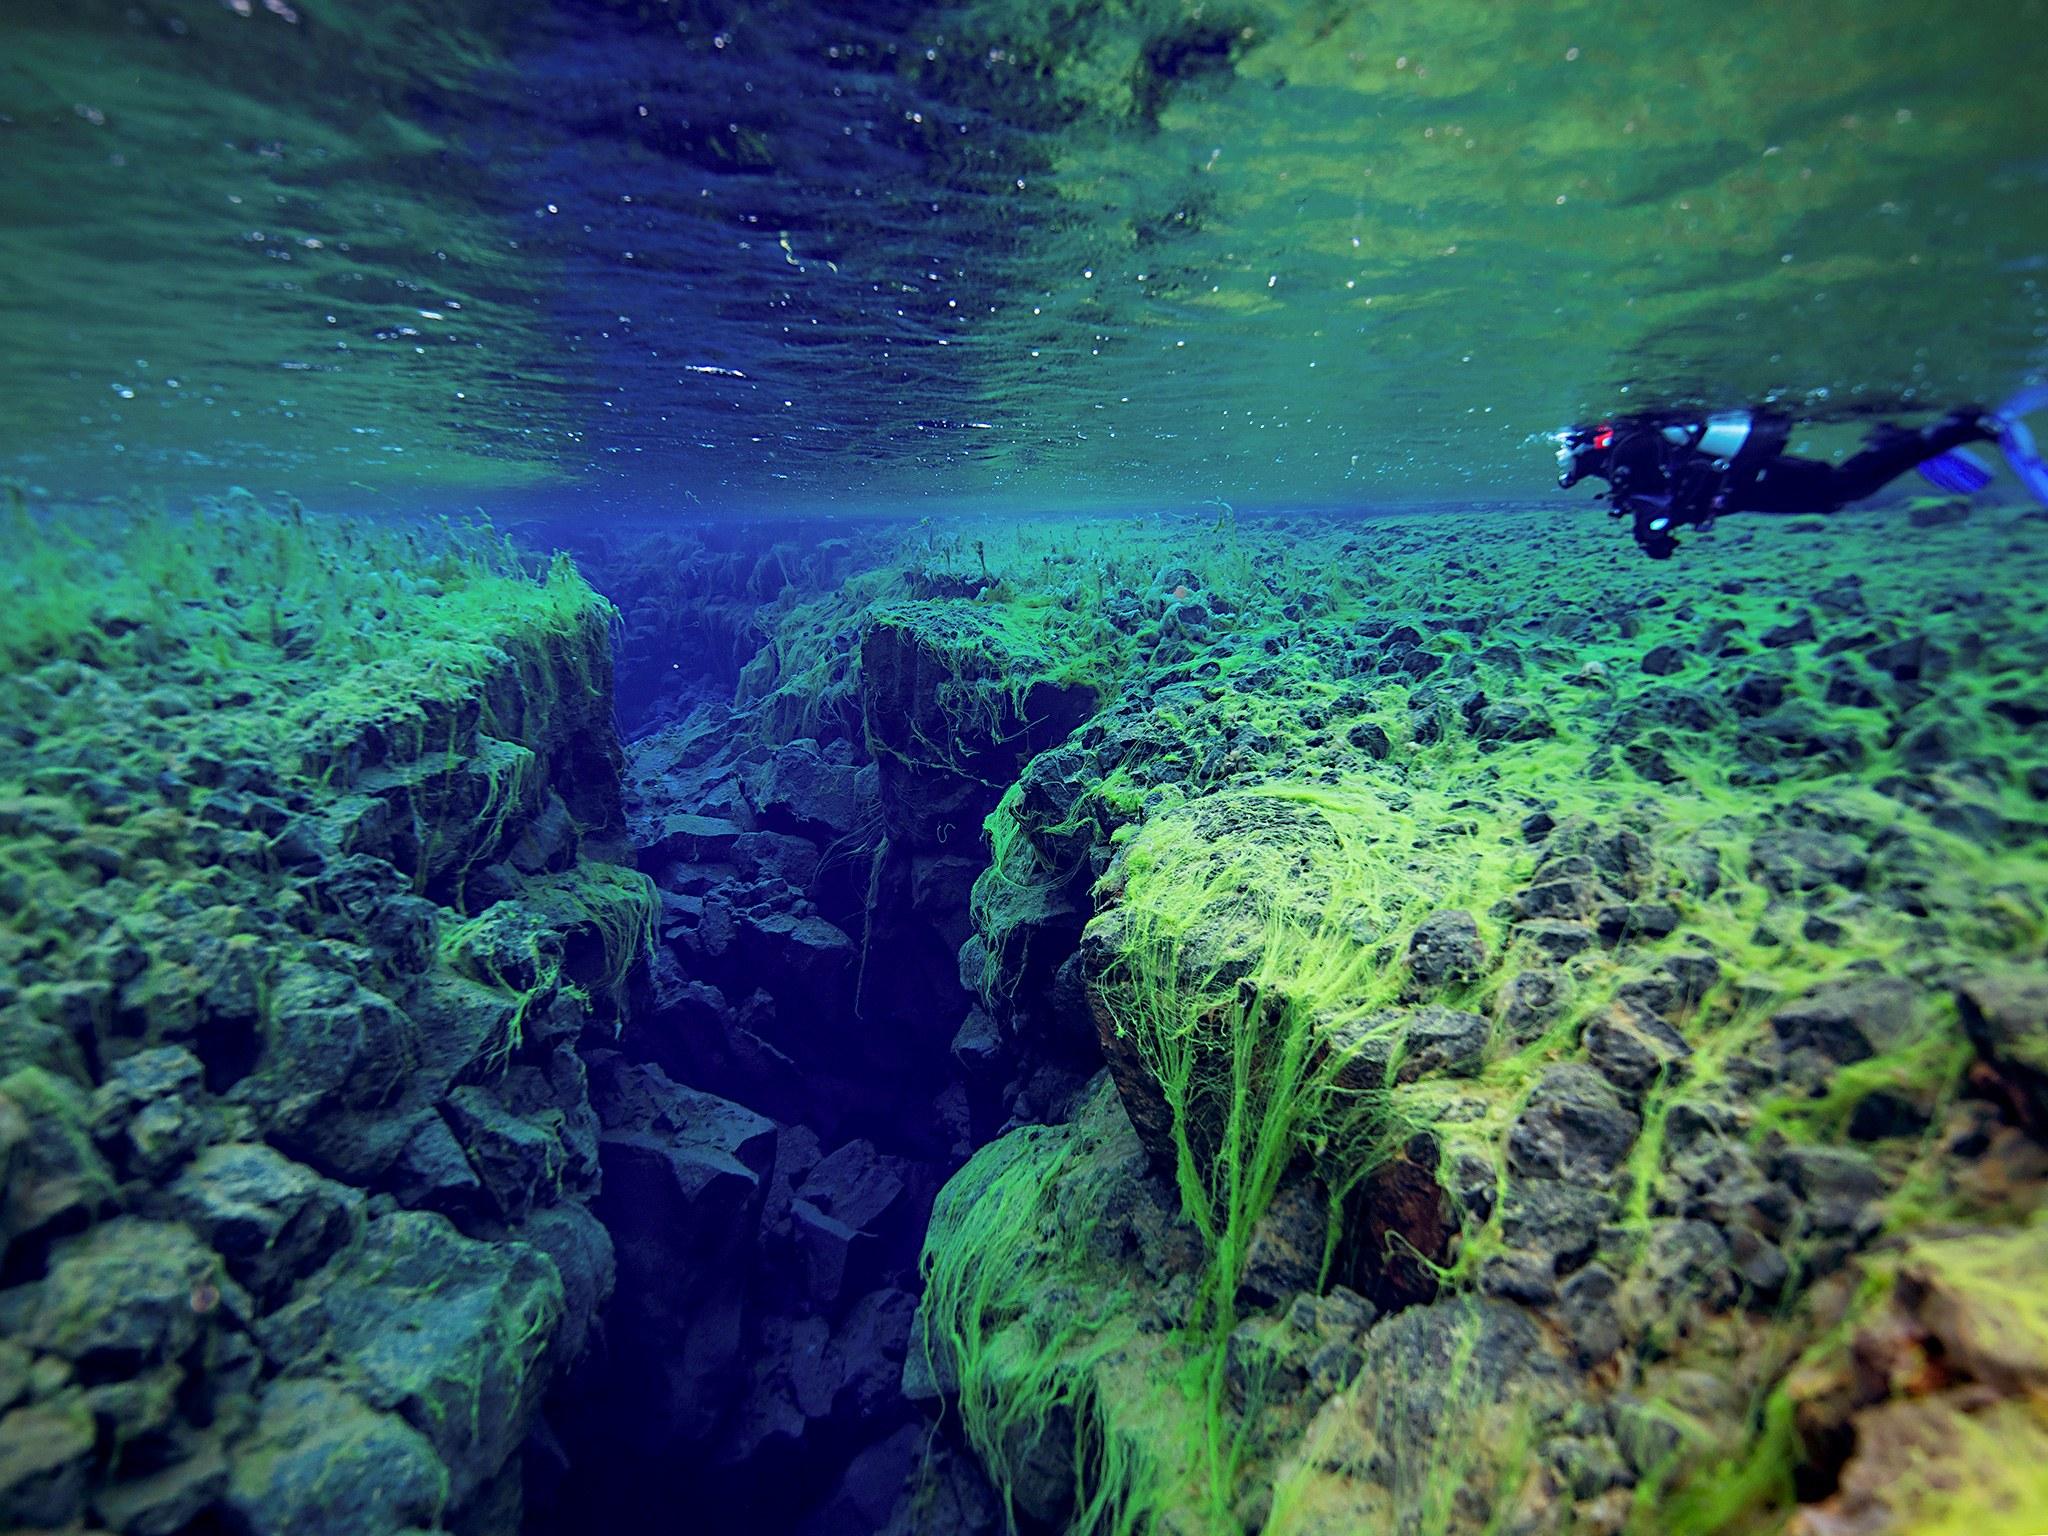 10. Подводное ущелье Сифра, Исландия. Подводное ущелье Сифра, расположенное на территории исландског